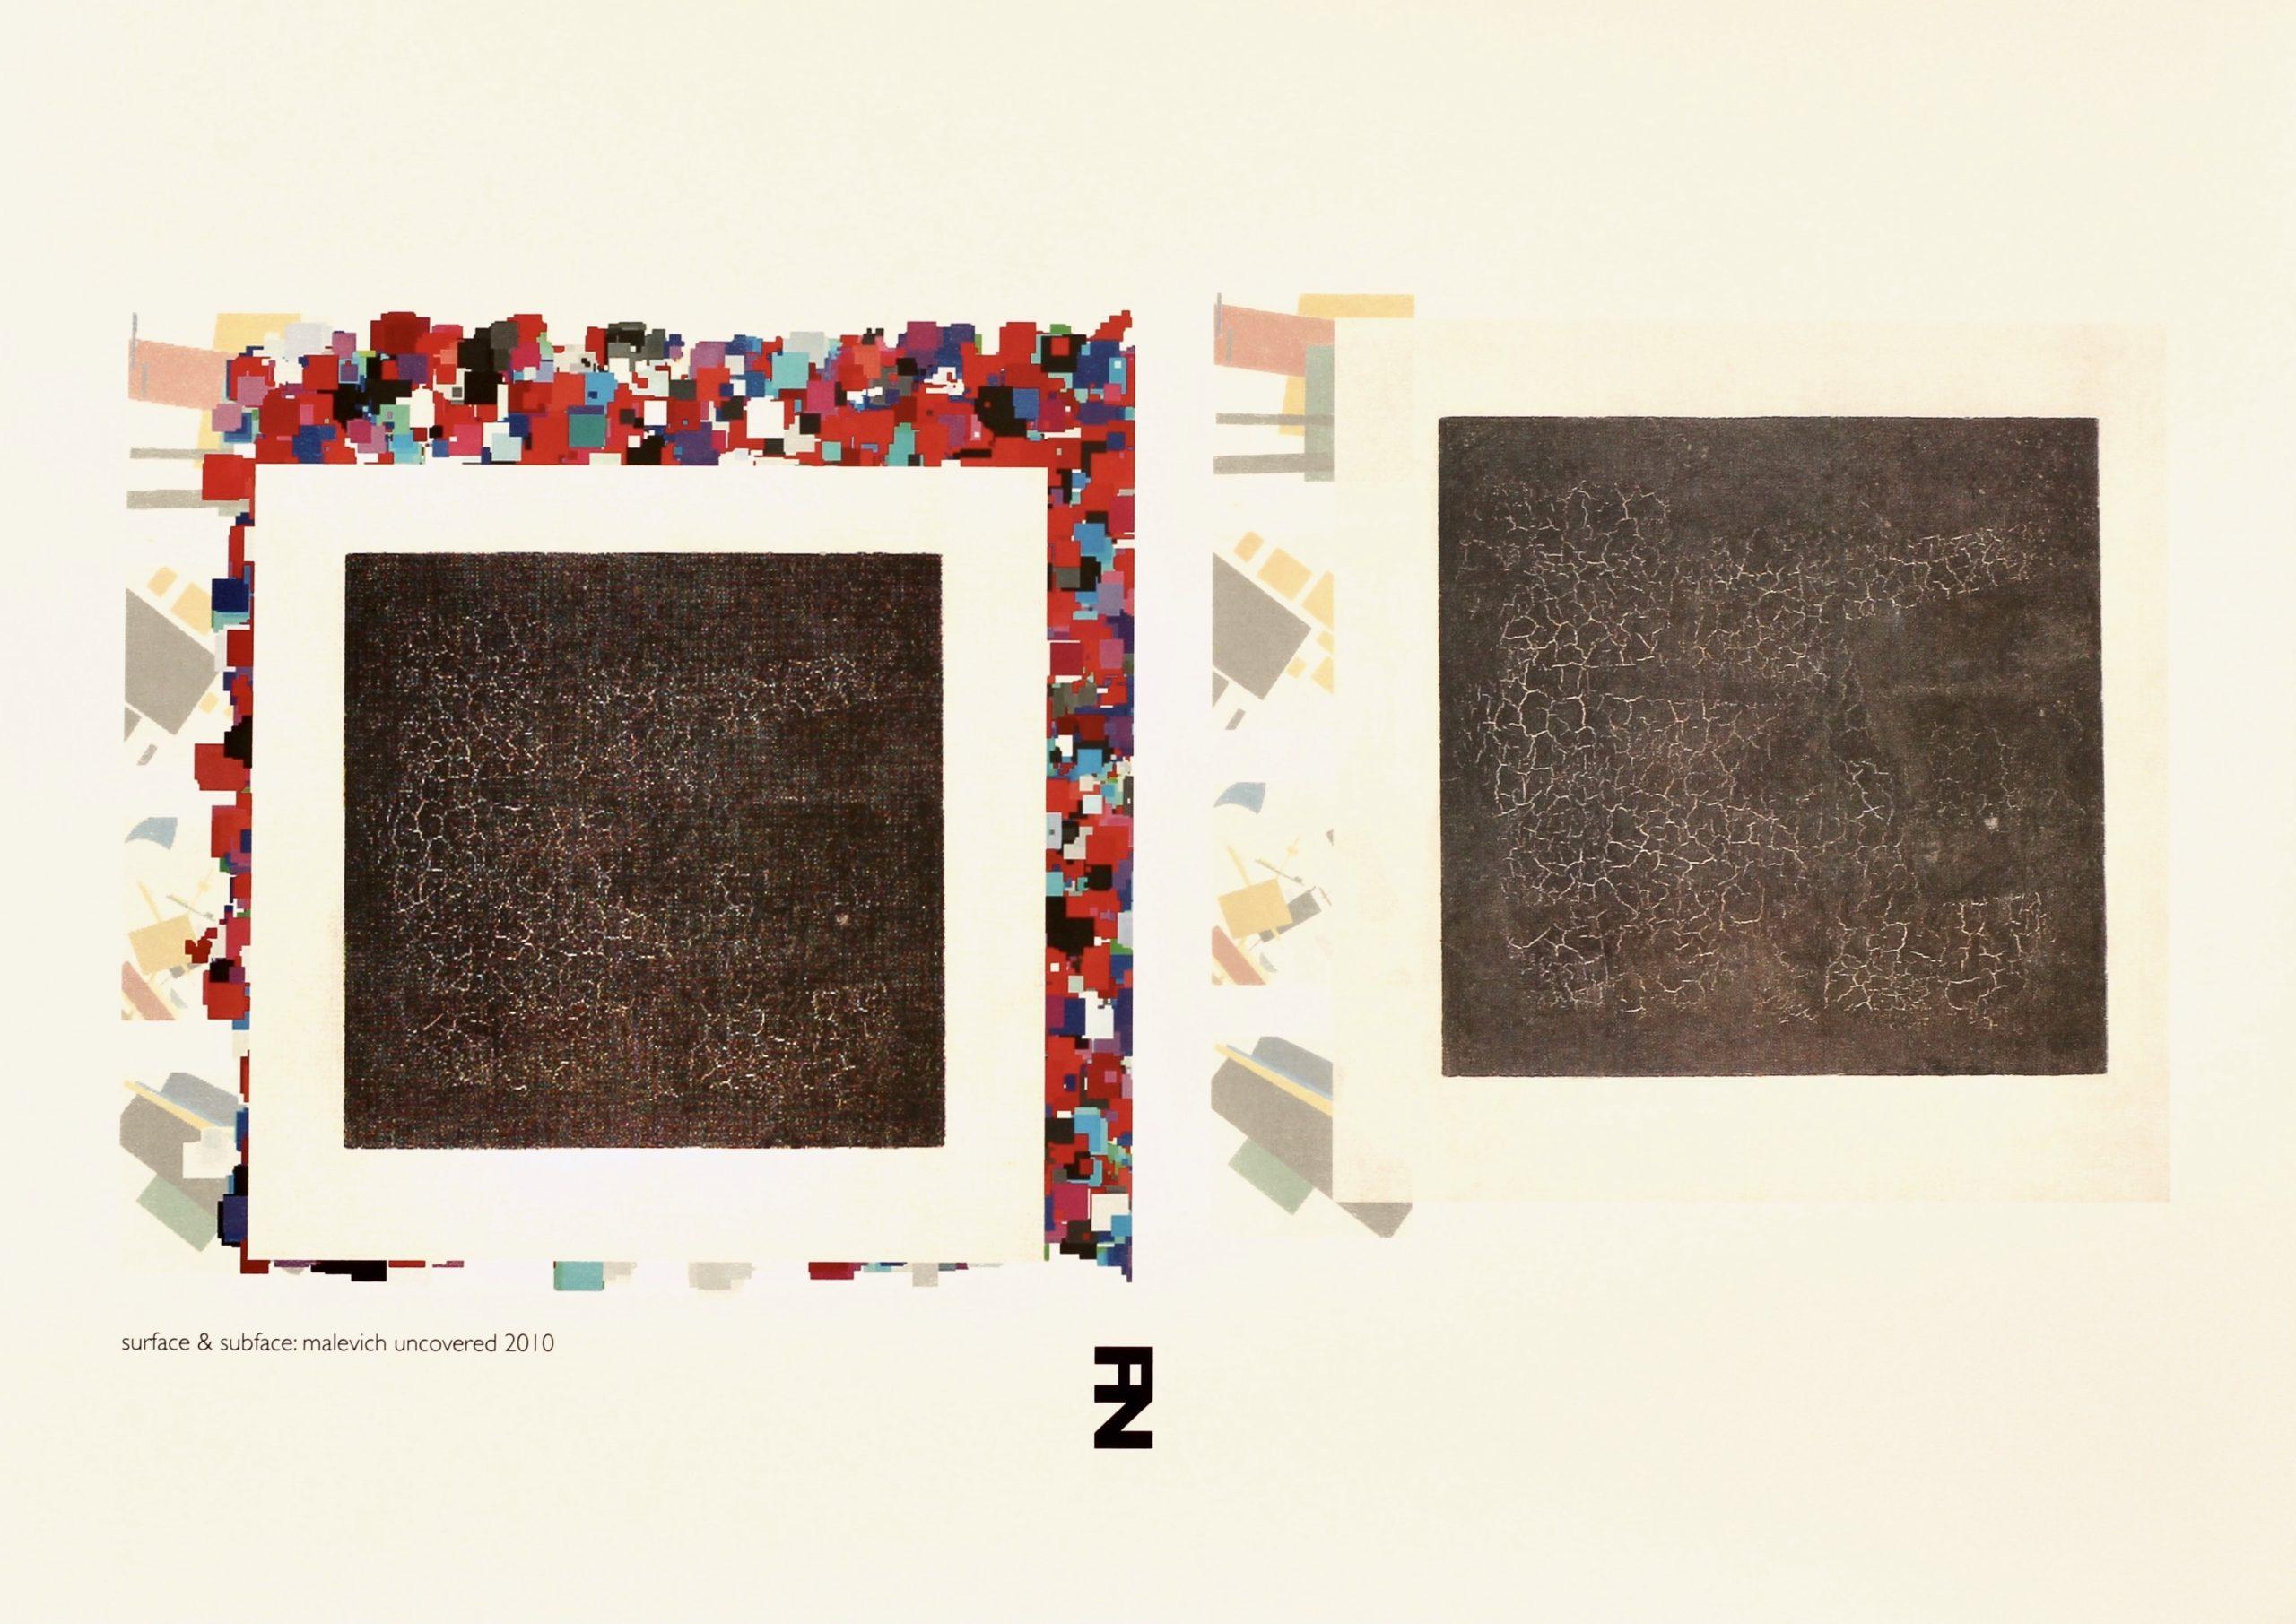 Frieder Nake, Hommage a K. Malevitch, Hahnemühle Kunstdruck, 29,6 x 42 cm, Auflage von 50, 2010